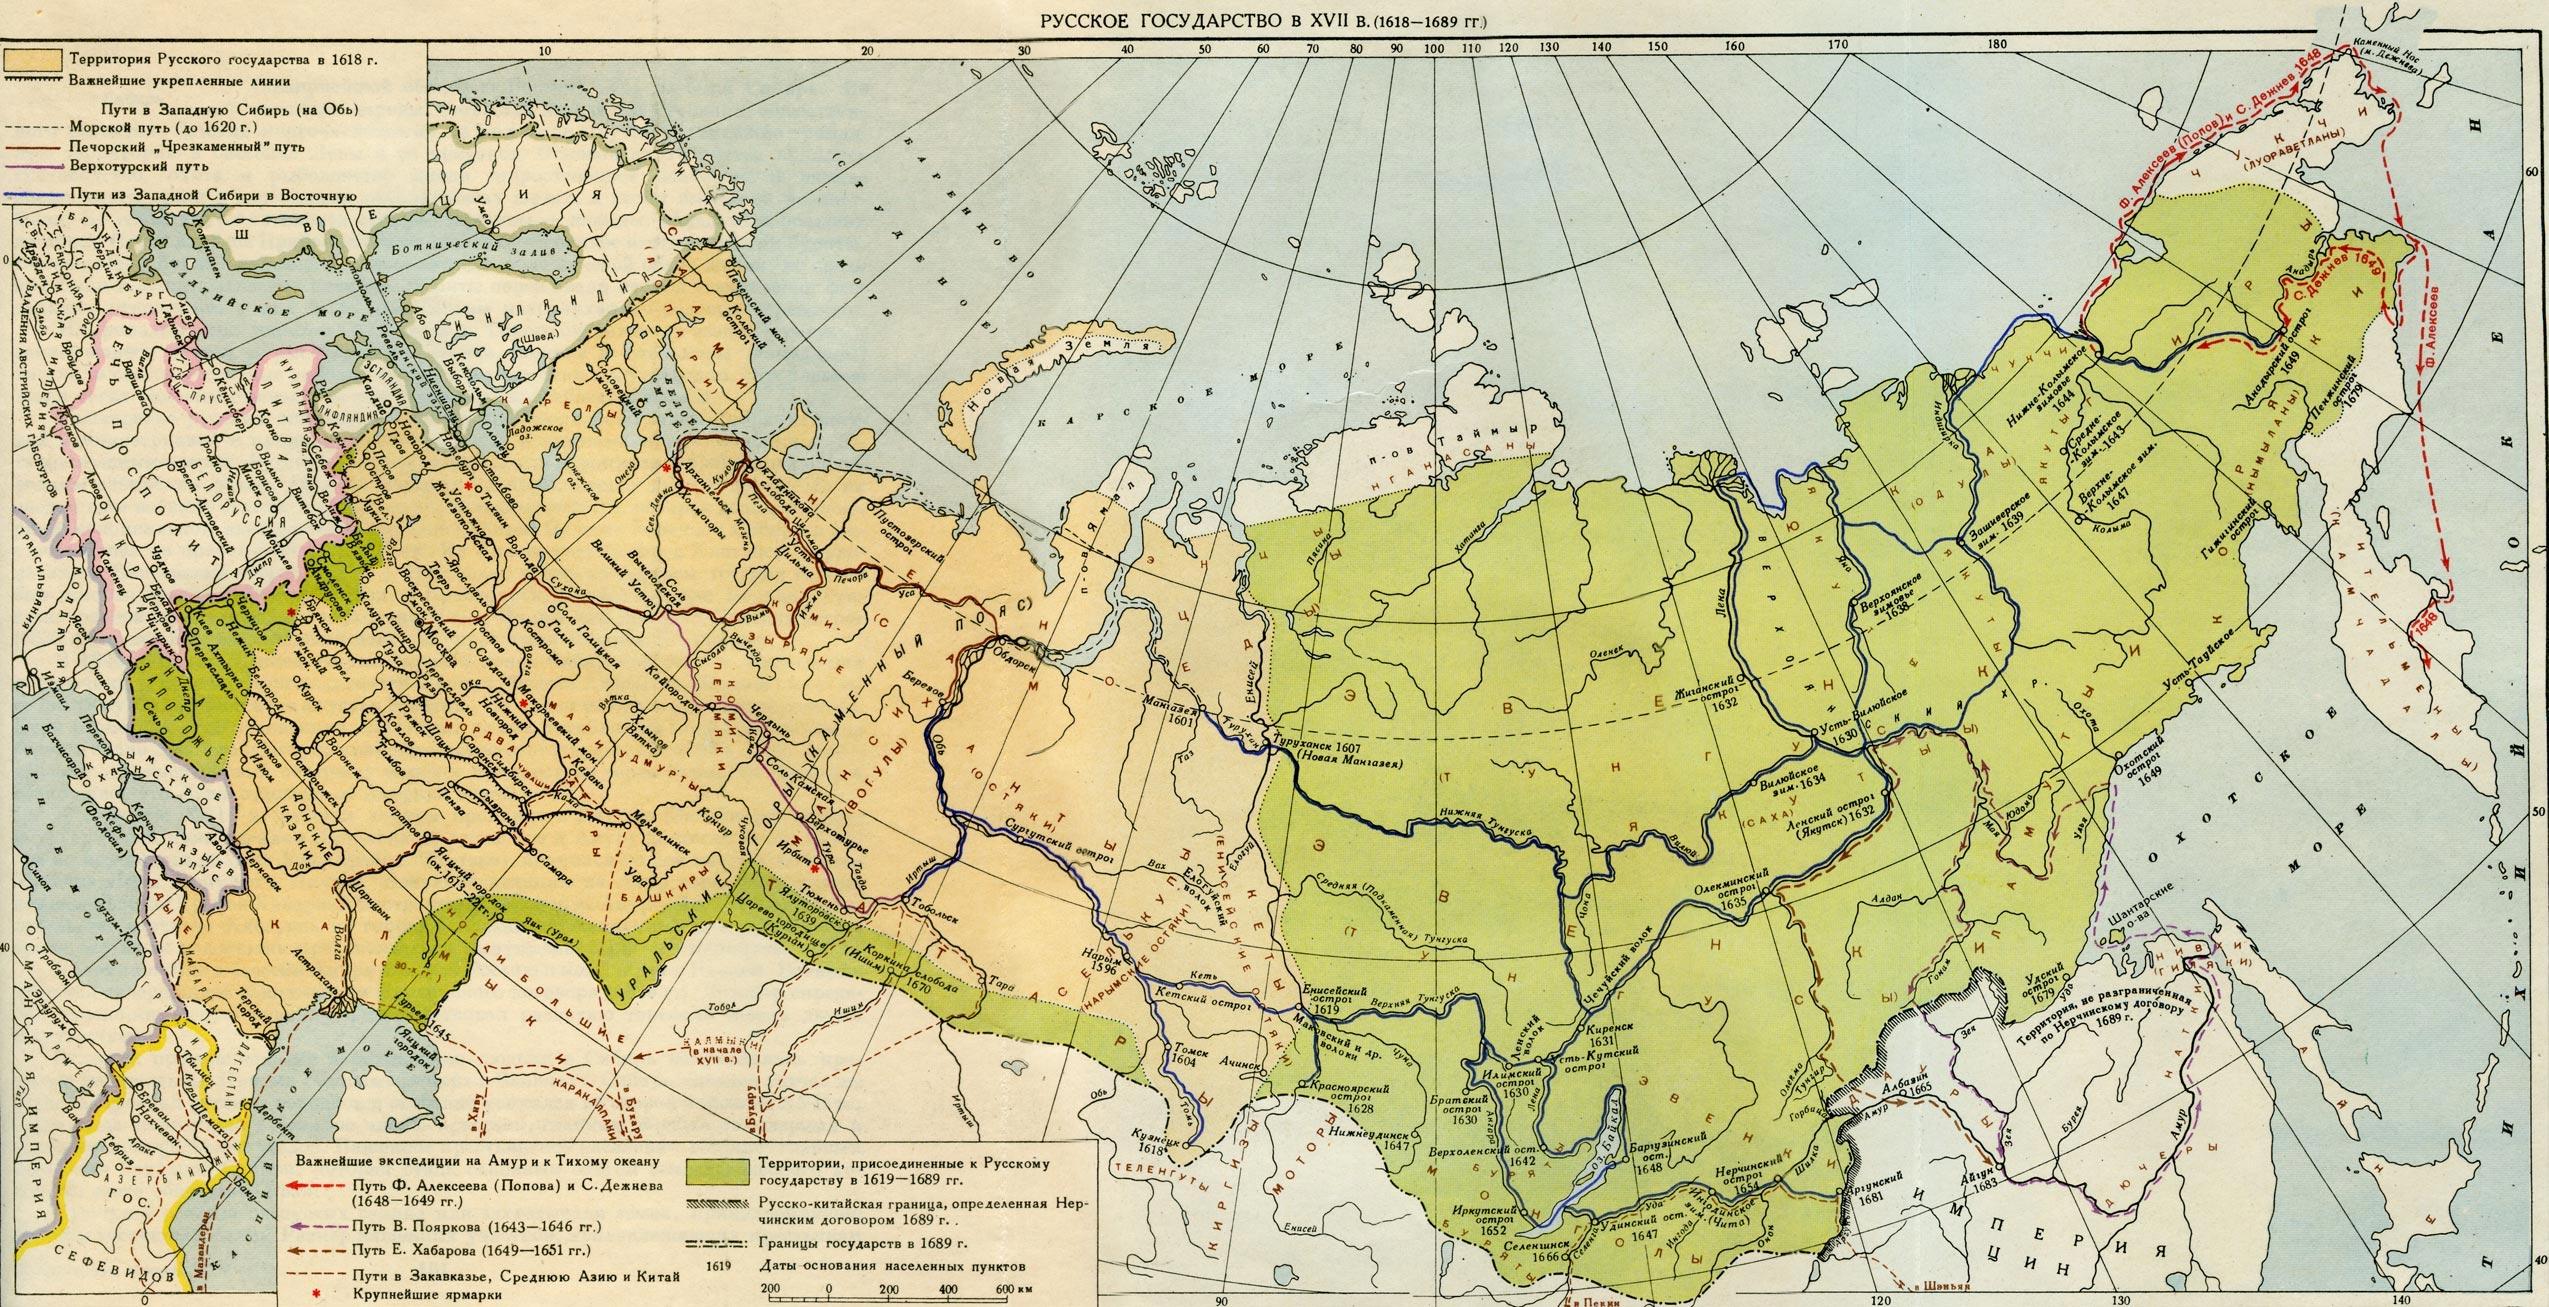 народы россии в 17 веке реферат